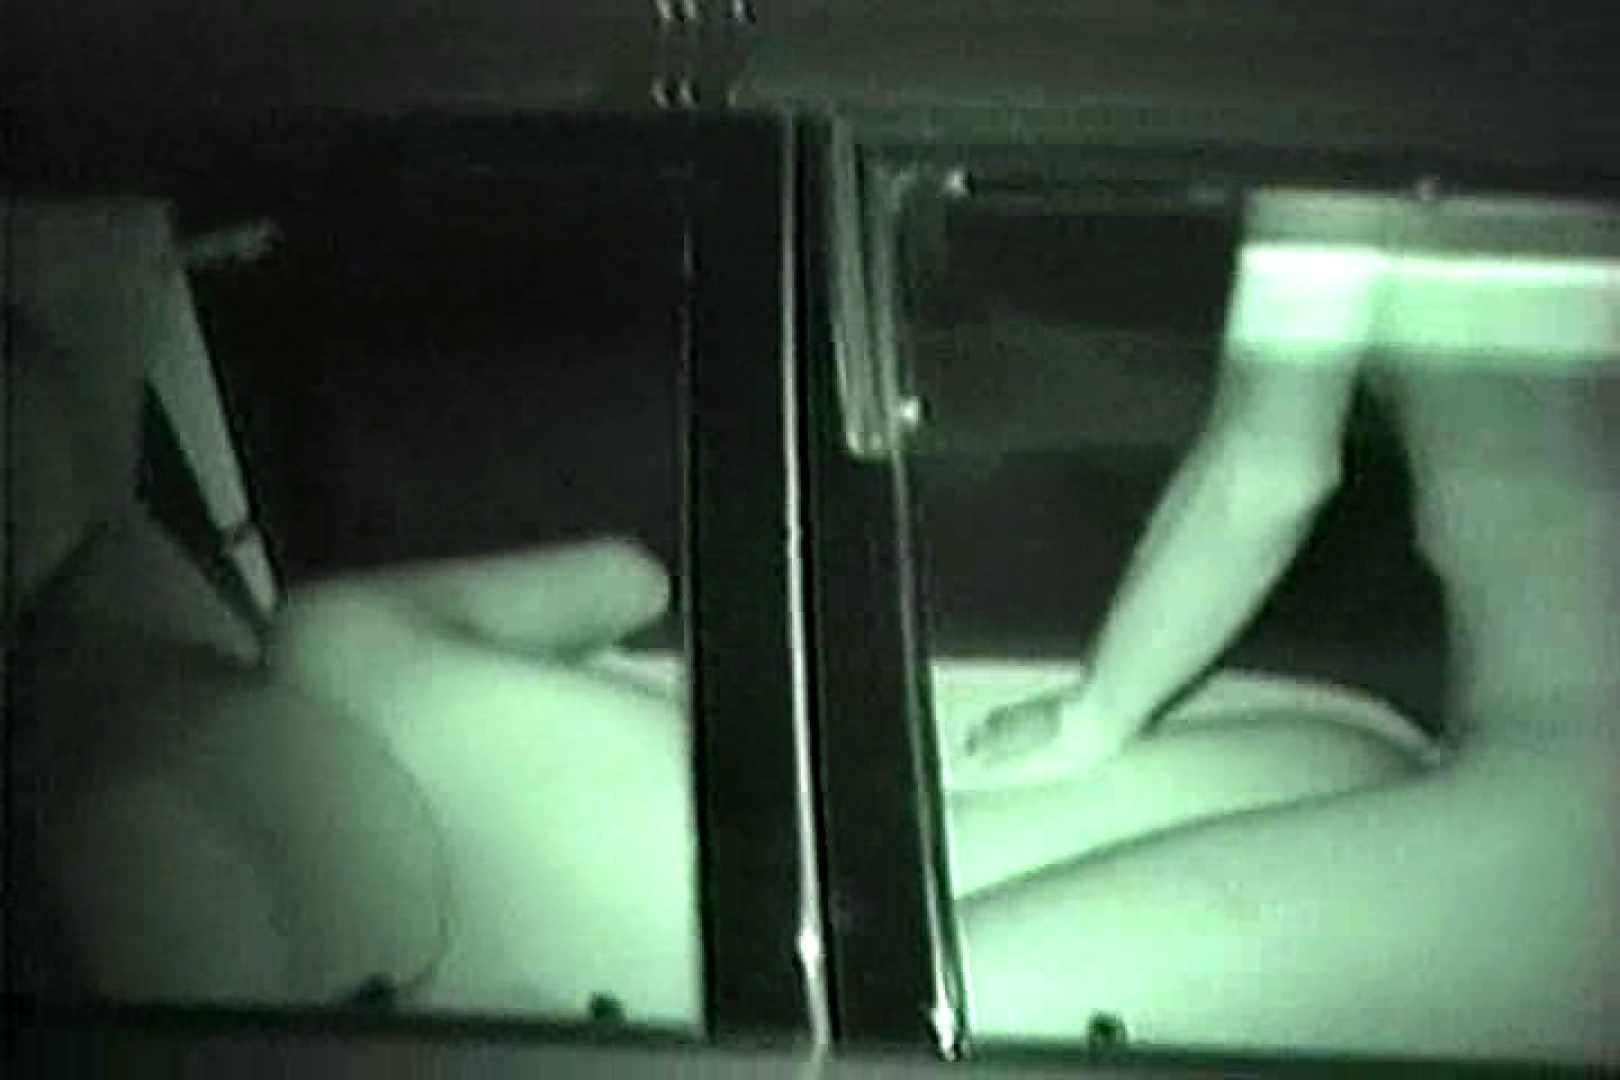 車の中はラブホテル 無修正版  Vol.9 望遠 オマンコ動画キャプチャ 60画像 40